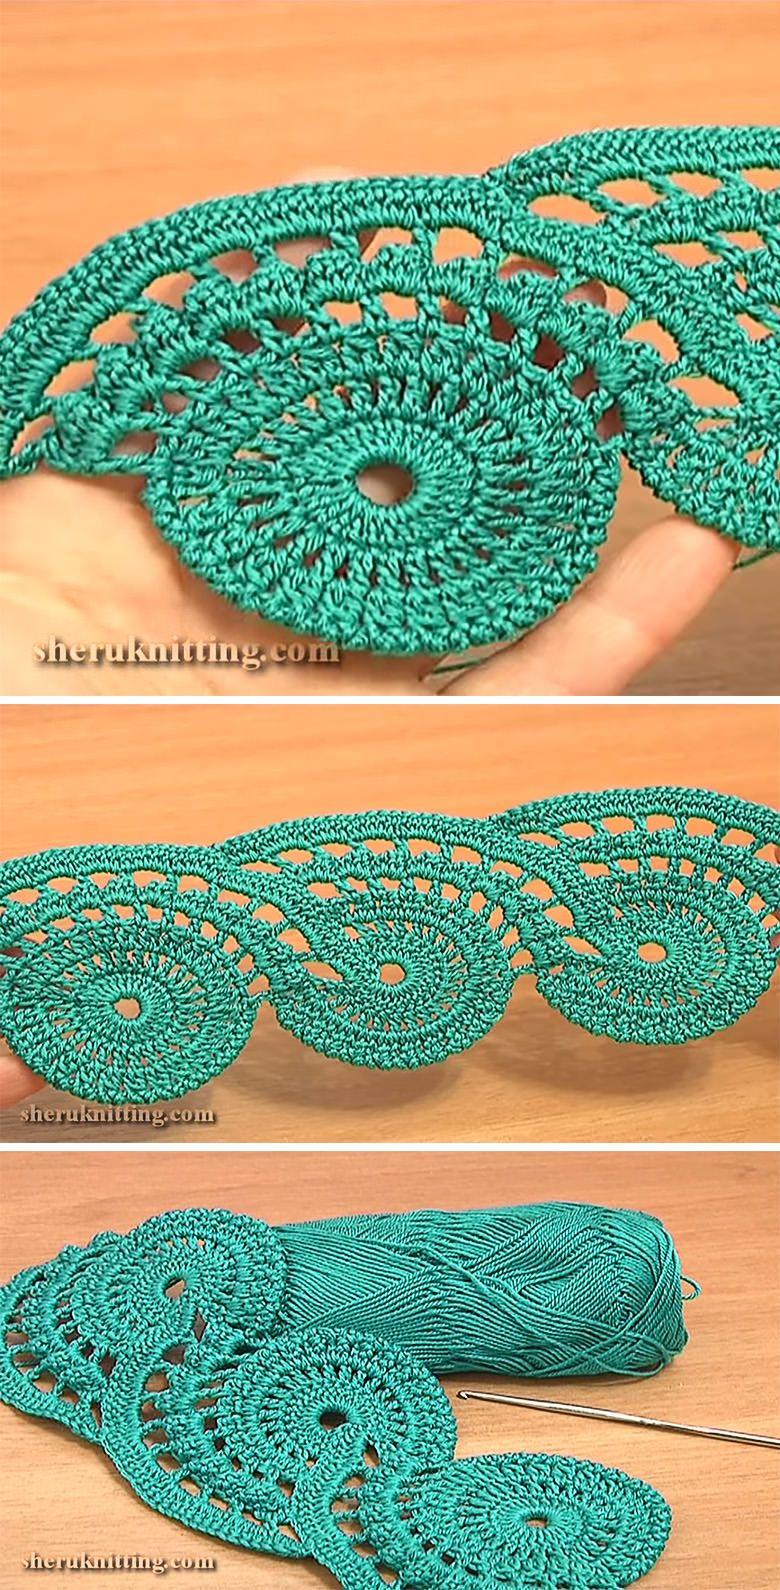 Lace crochet pattern tutorial kenar dantelleri pinterest lace crochet pattern tutorial bankloansurffo Gallery